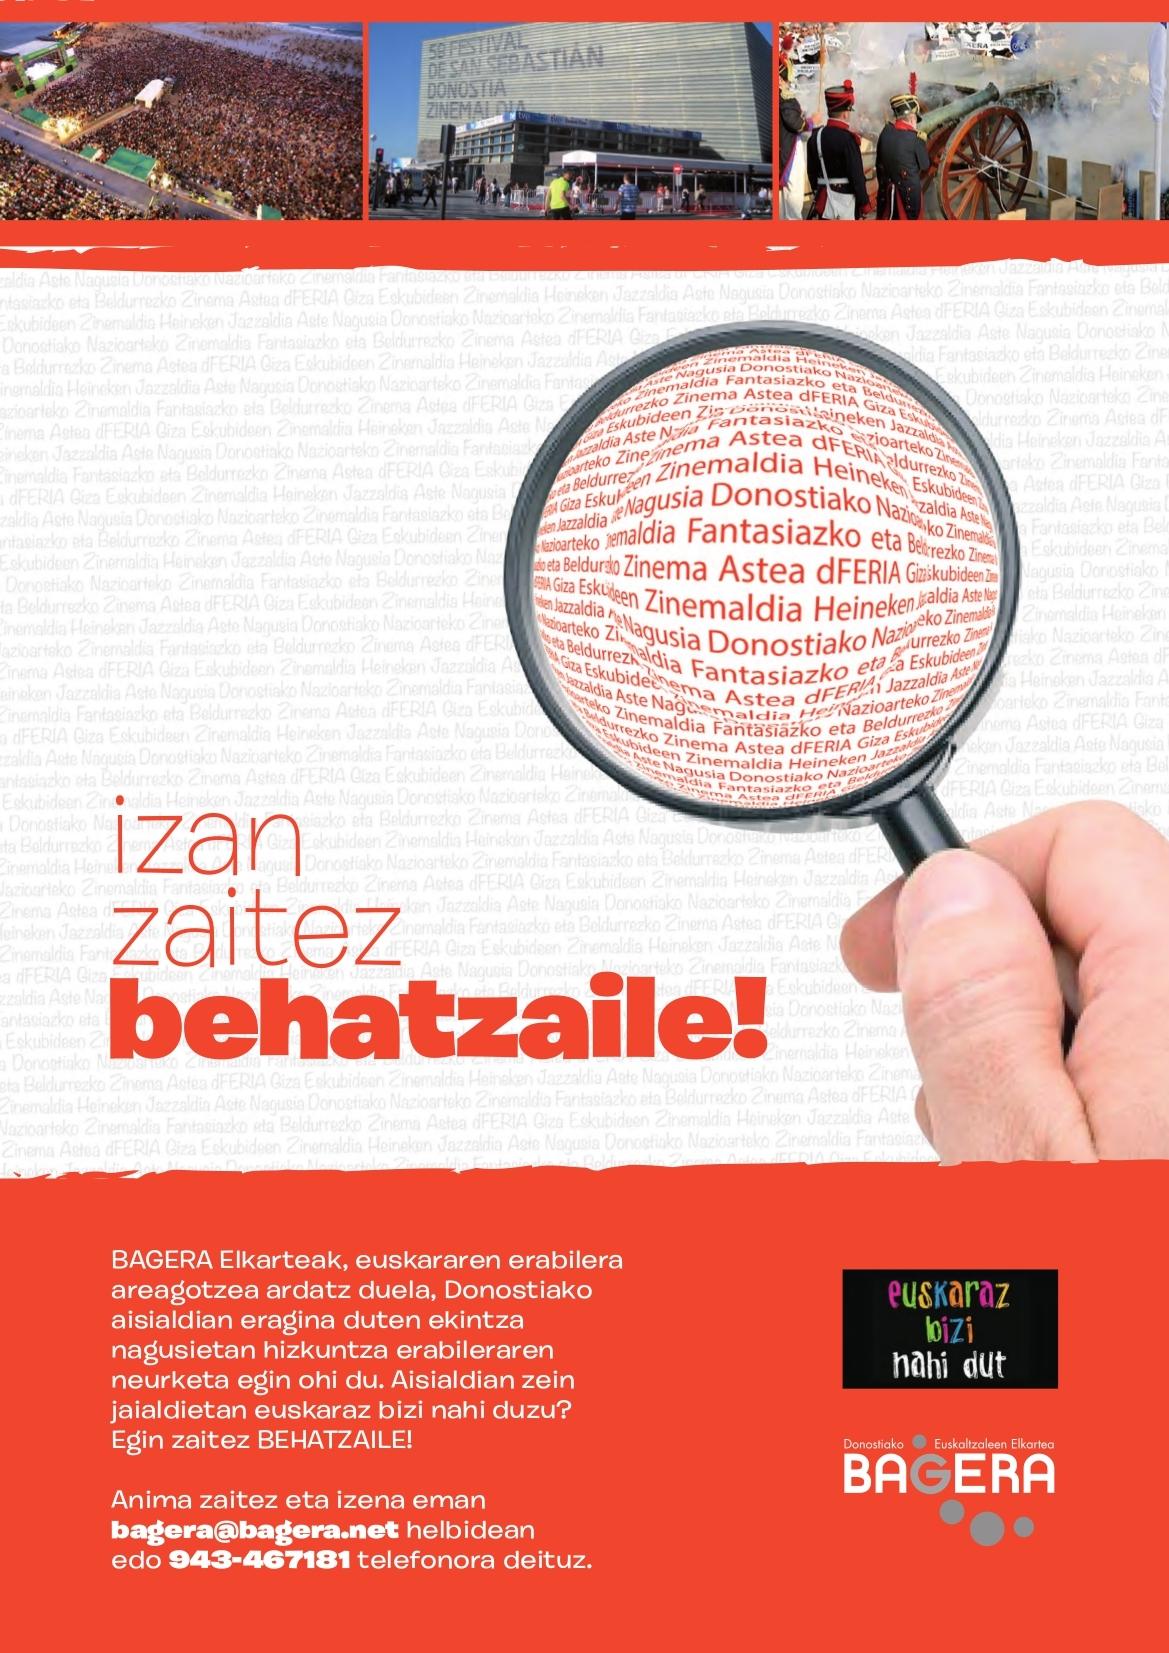 Izan_zaitez_behatzaile.jpg